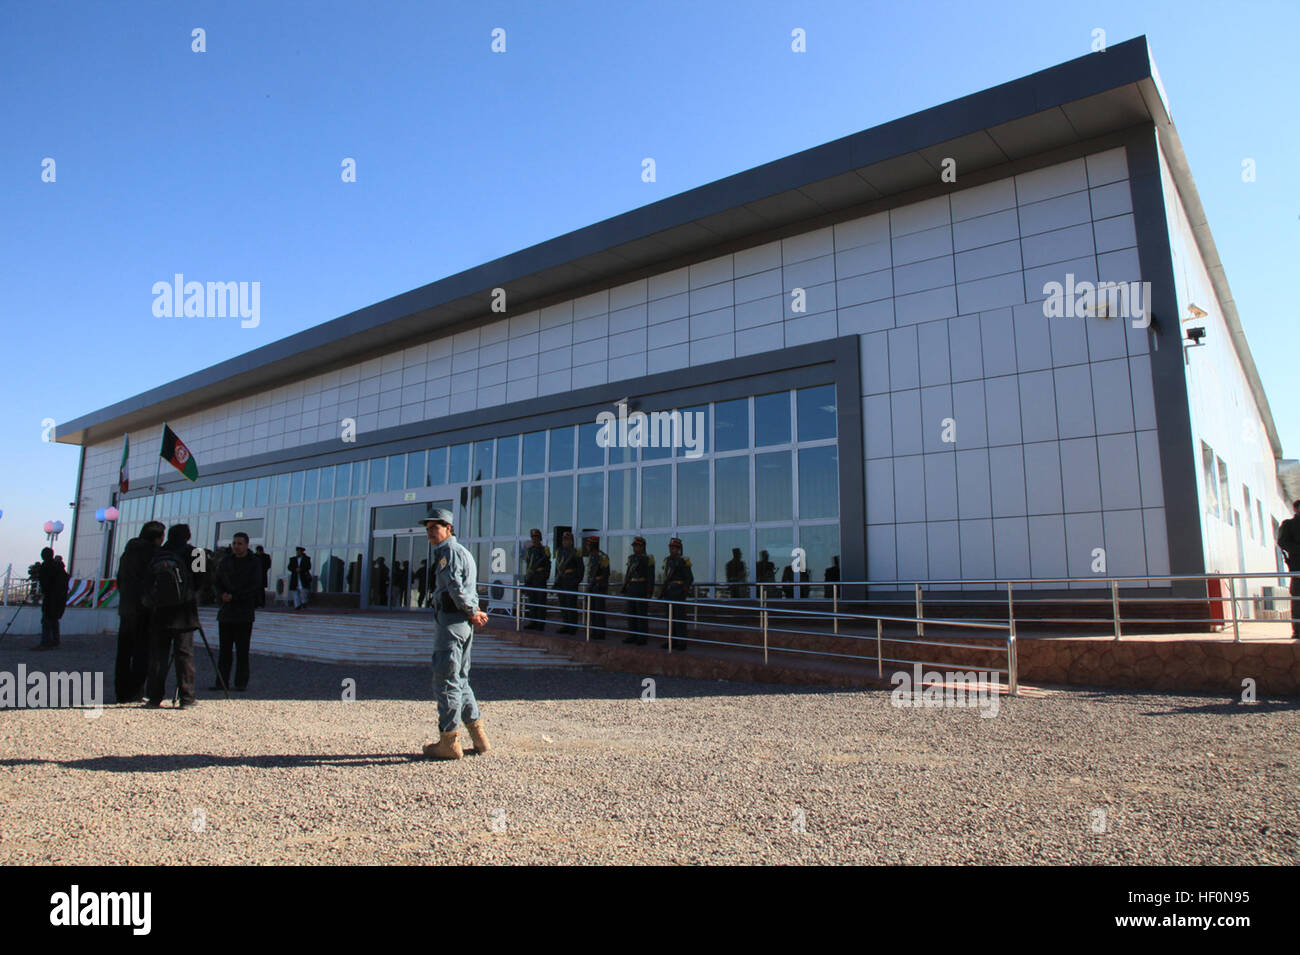 Afghanische Bürger und Mitglieder der Koalition stehen außerhalb der neu abgeschlossenen Herat International Airport Stockfoto